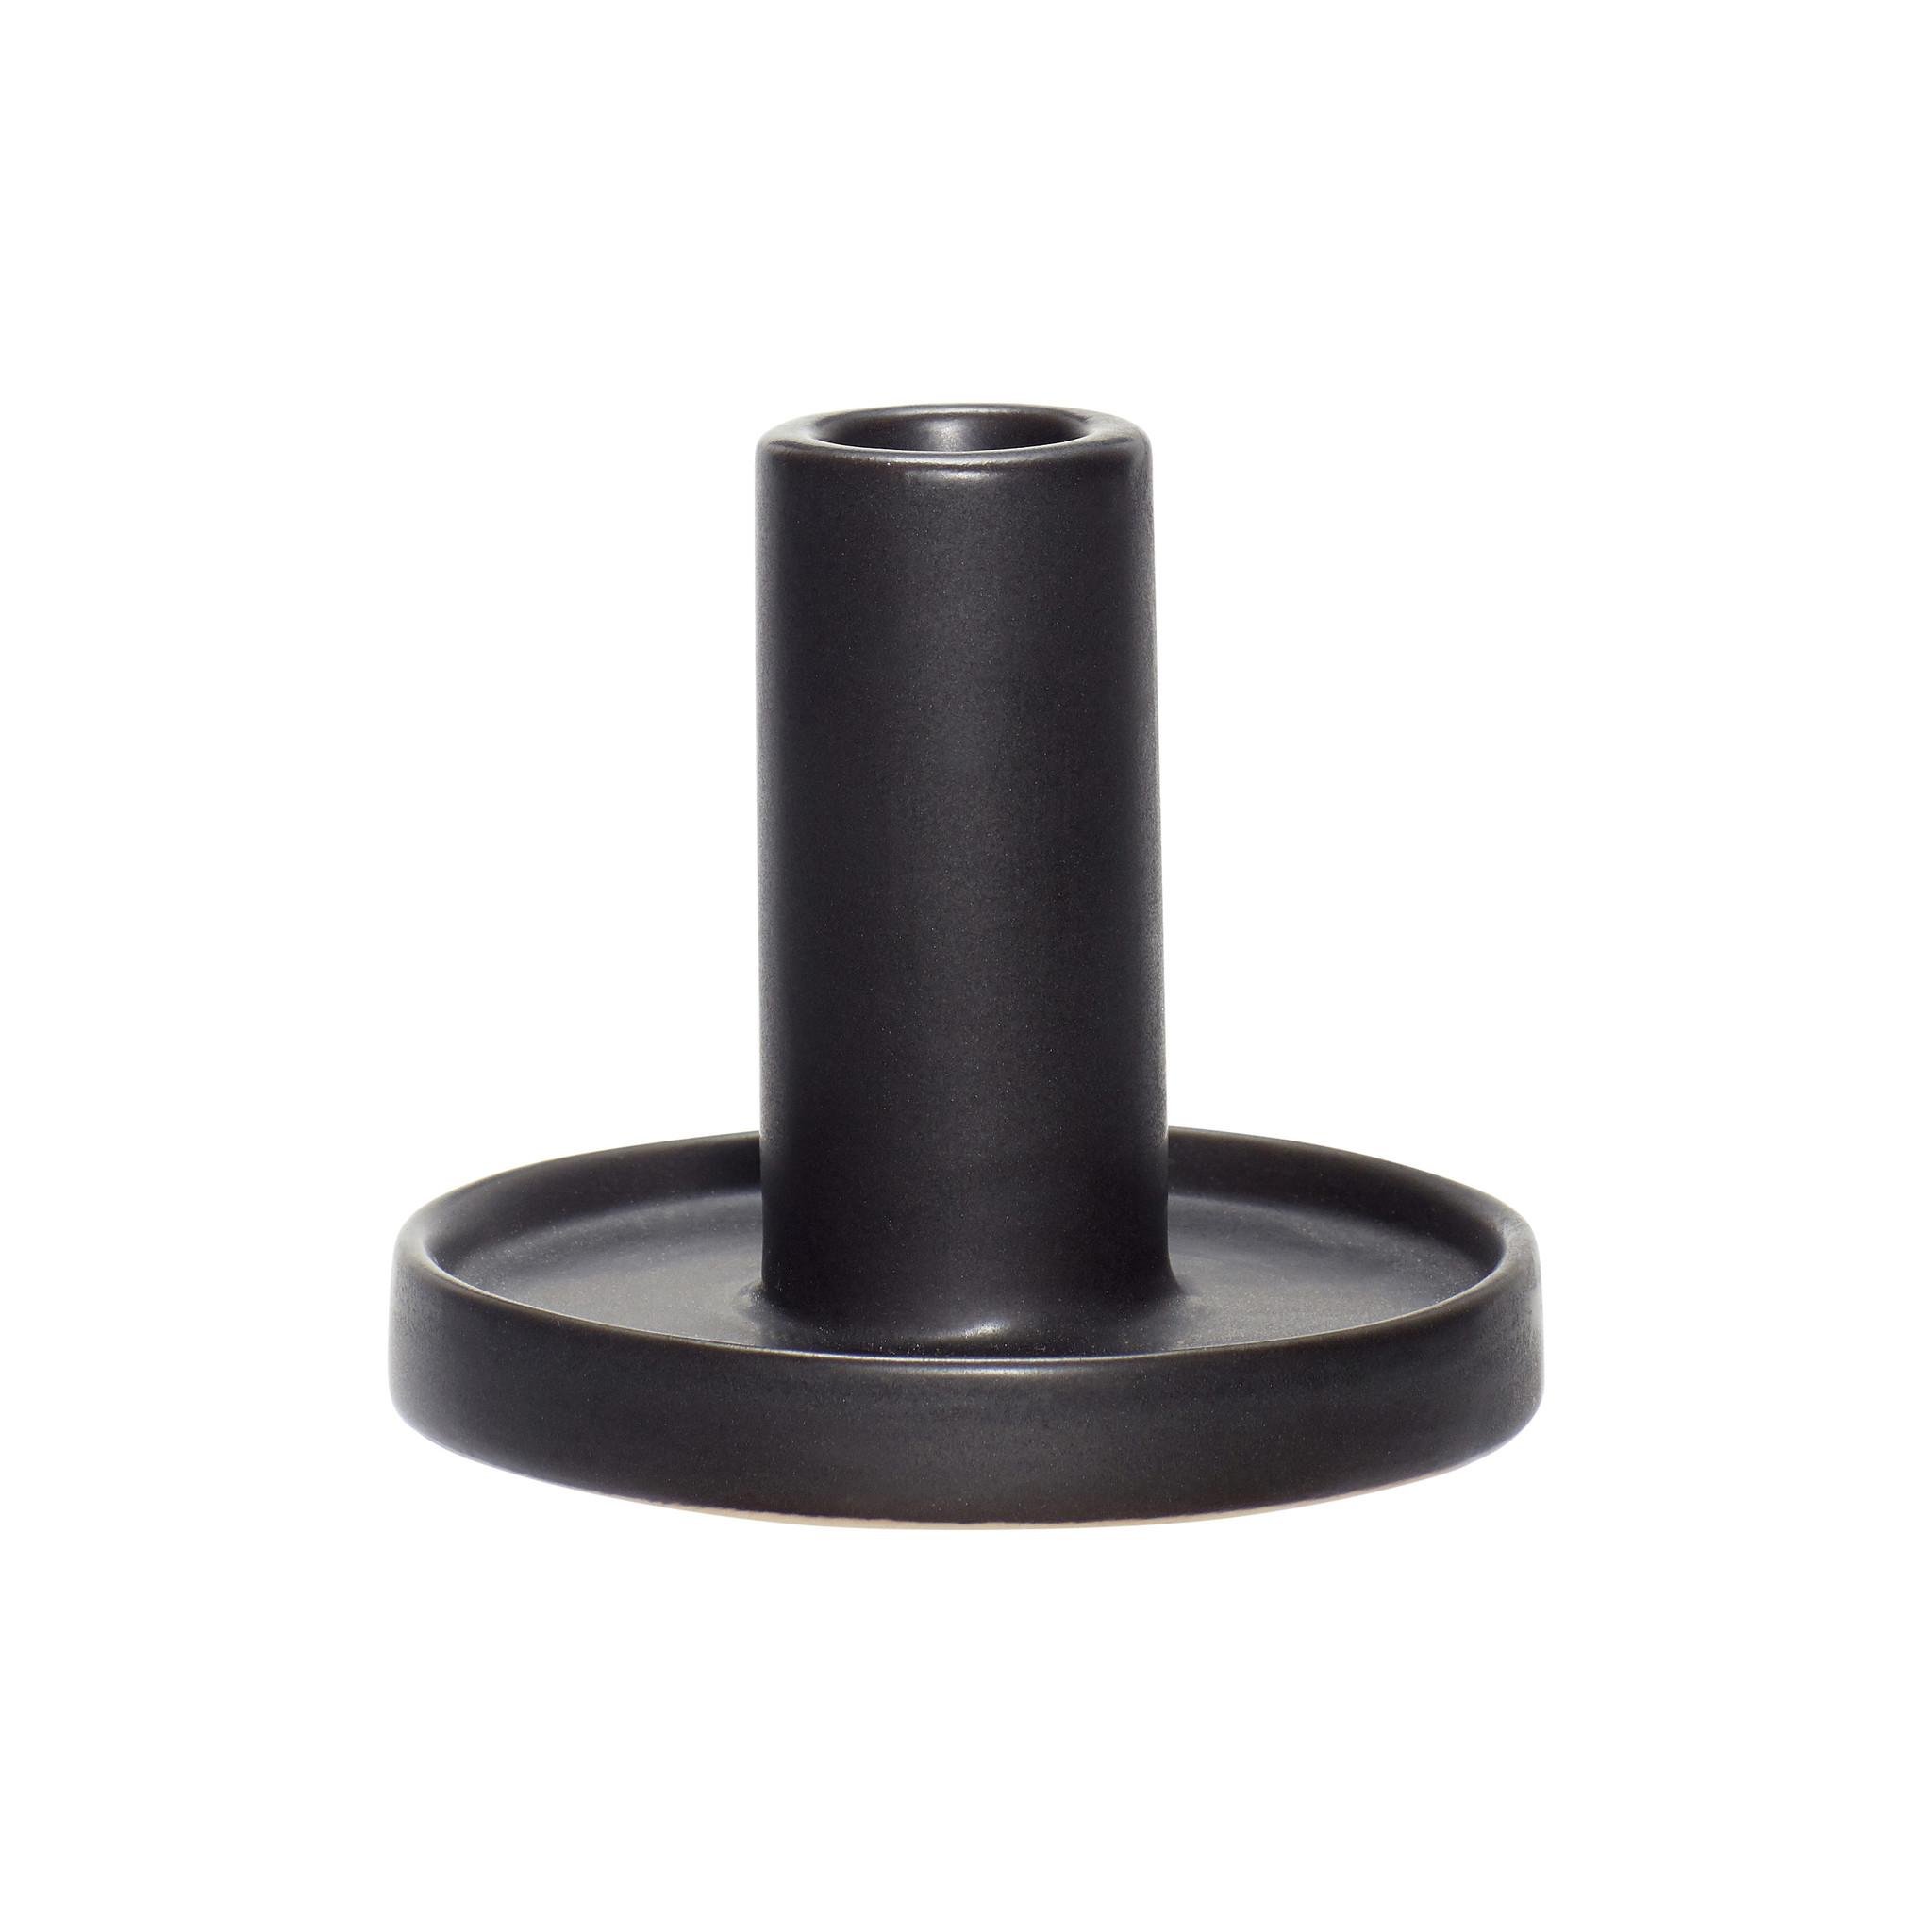 Hubsch Kandelaar, porselein, zwart